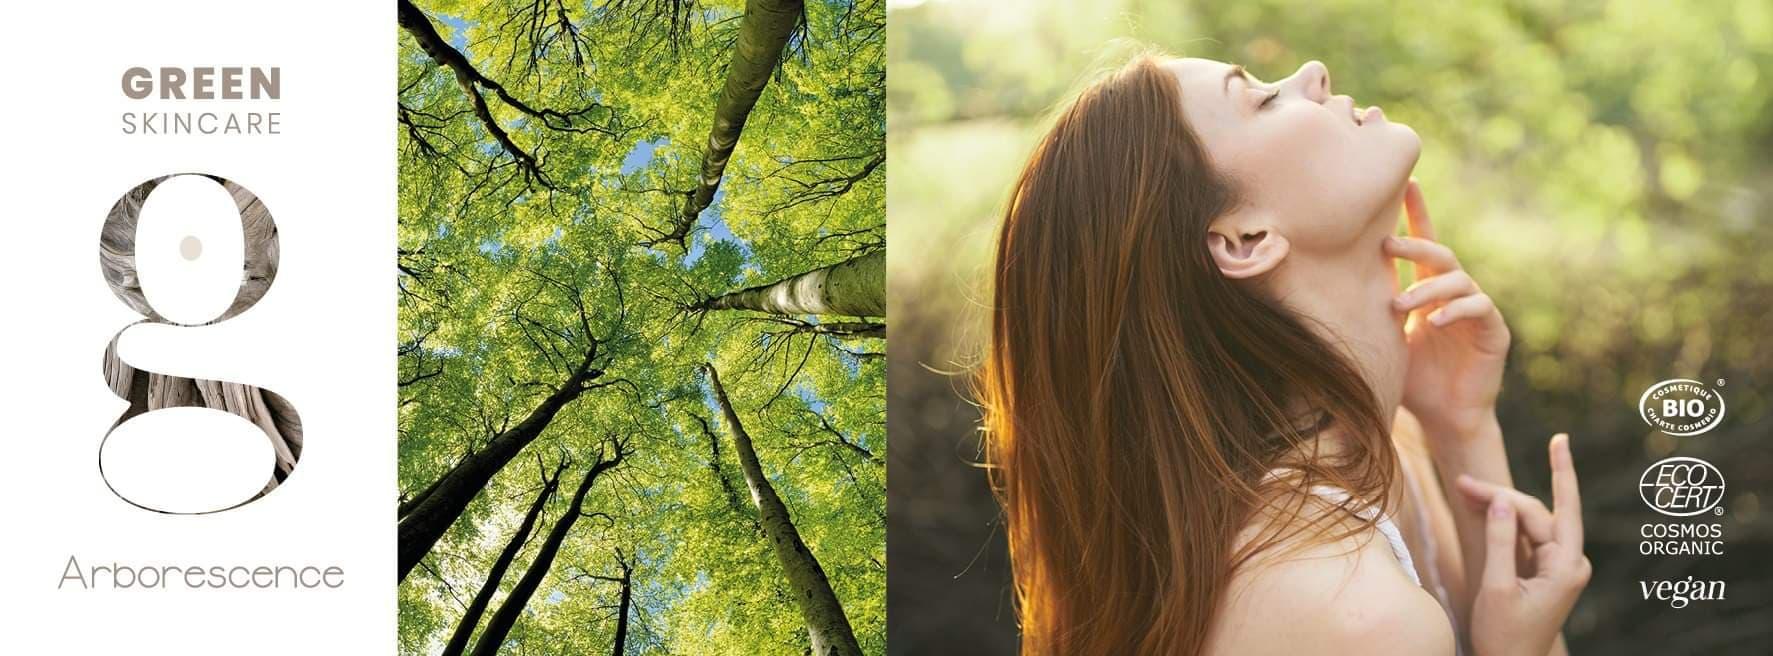 Nouvelle collection soin Green Skincare, institut de beauté Emeline Esthétique, 85130 La Verrie